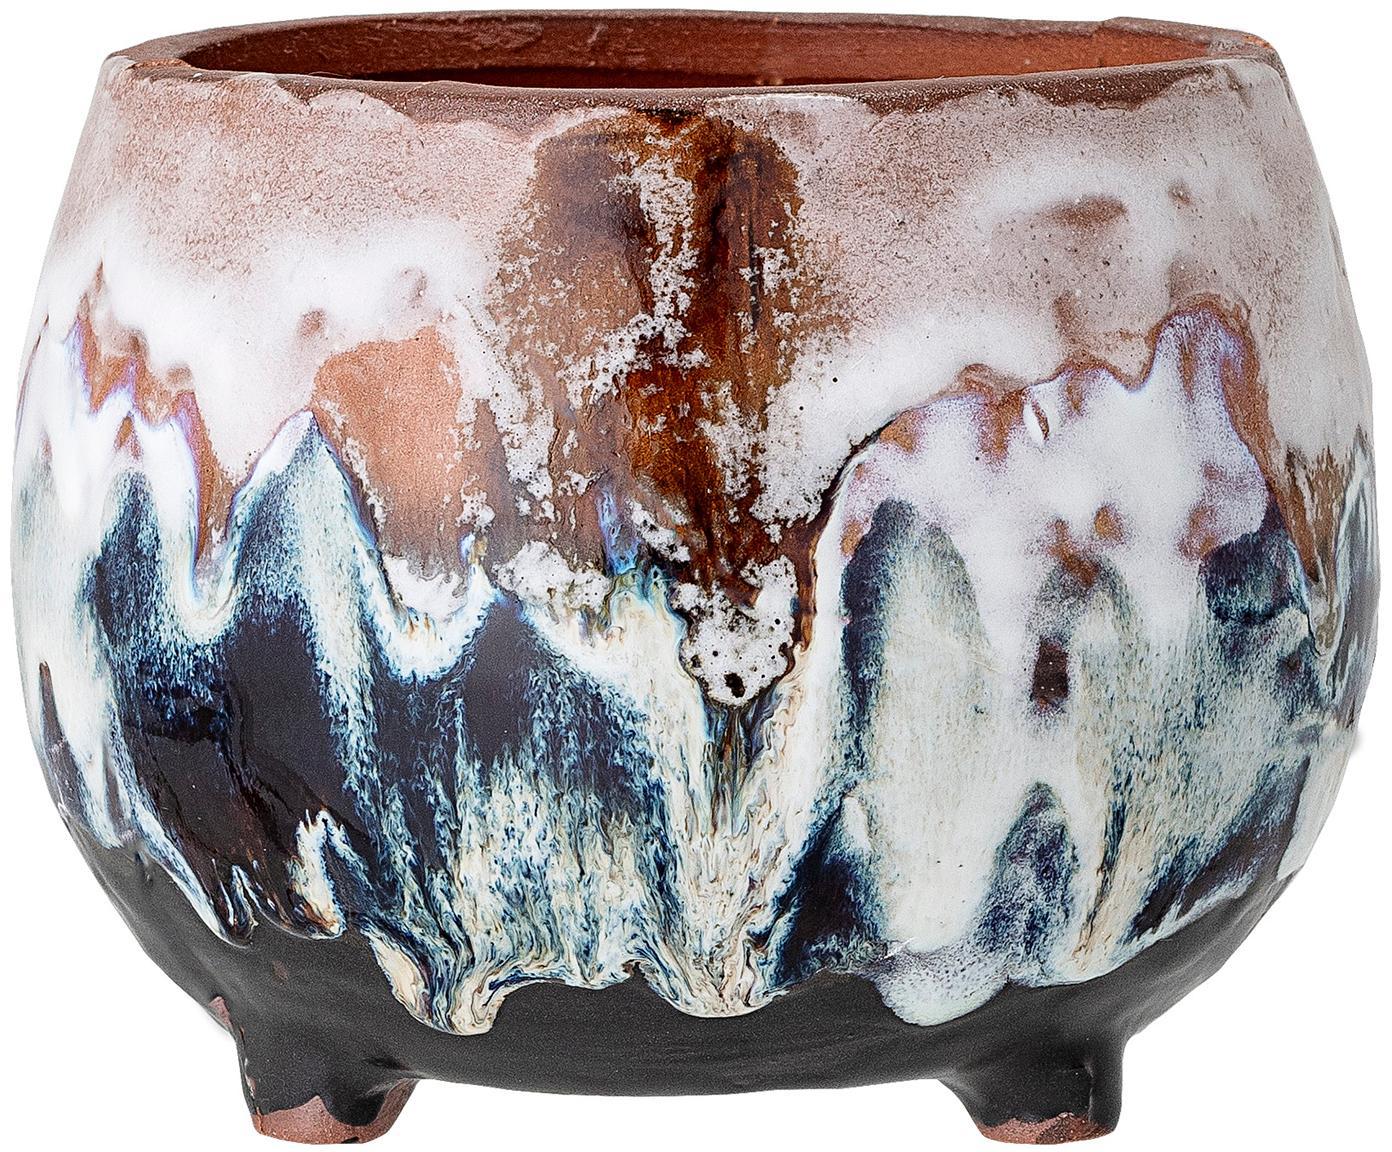 Kleiner handgefertigter Übertopf Sasa aus Terrakotta, Terracotta, Mehrfarbig, Ø 14 x H 11 cm